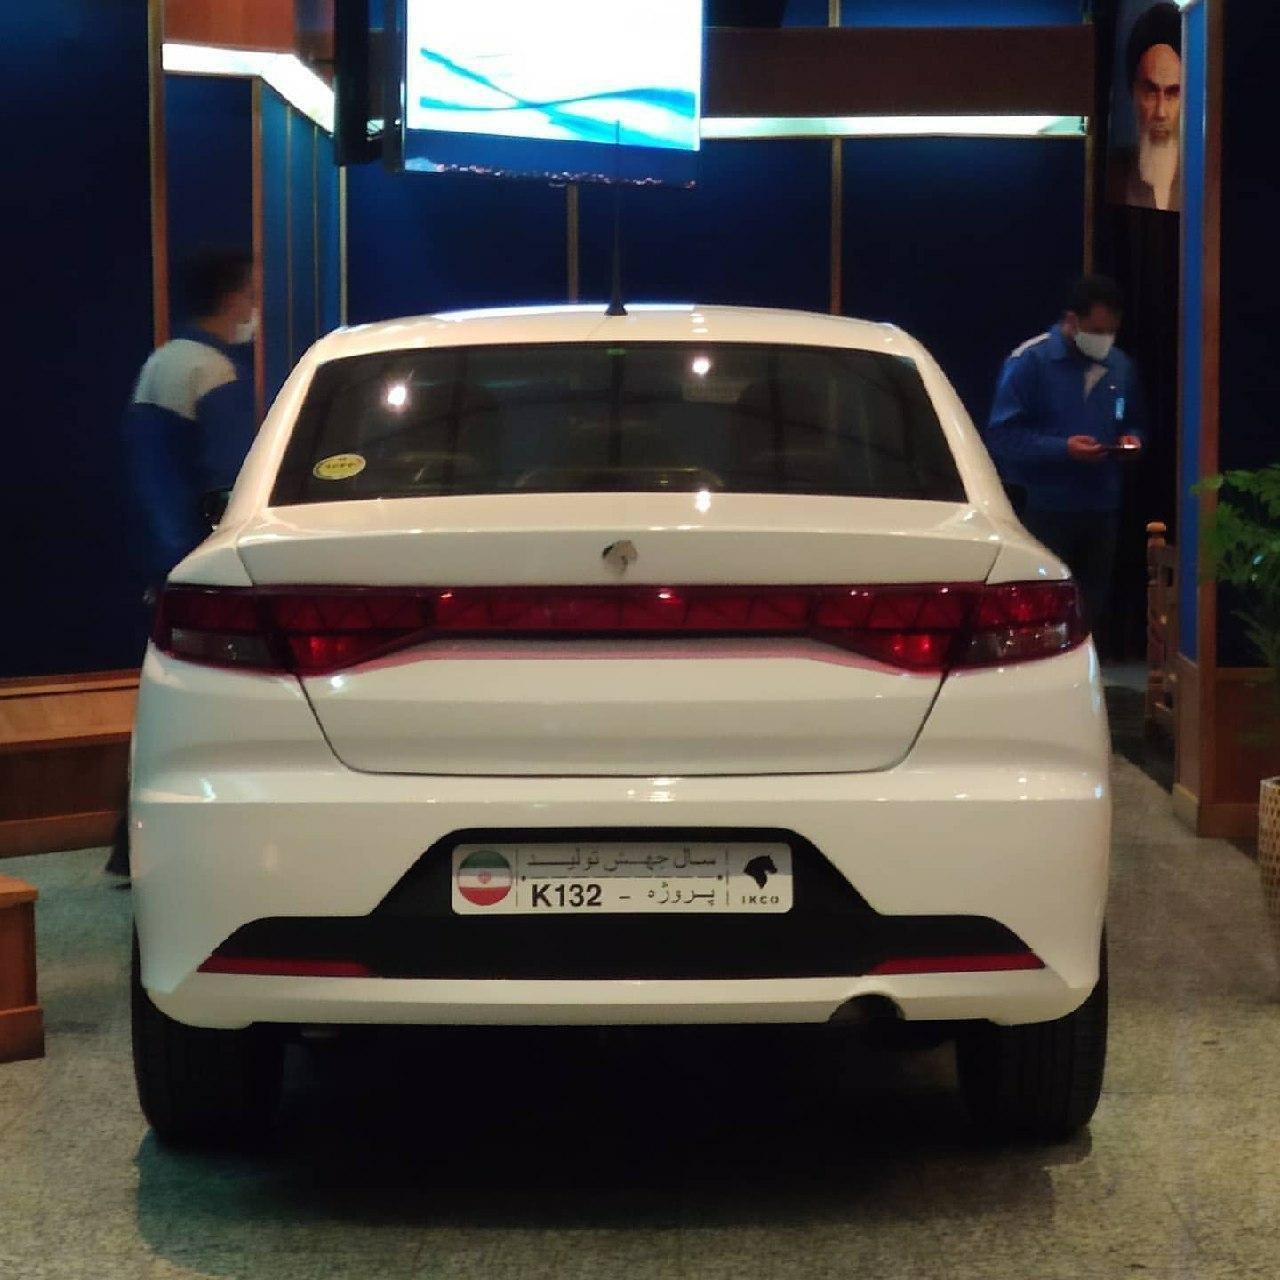 ماشین جدید ایران خودرو K ۱۳۲ چه ویژگیهایی دارد؟